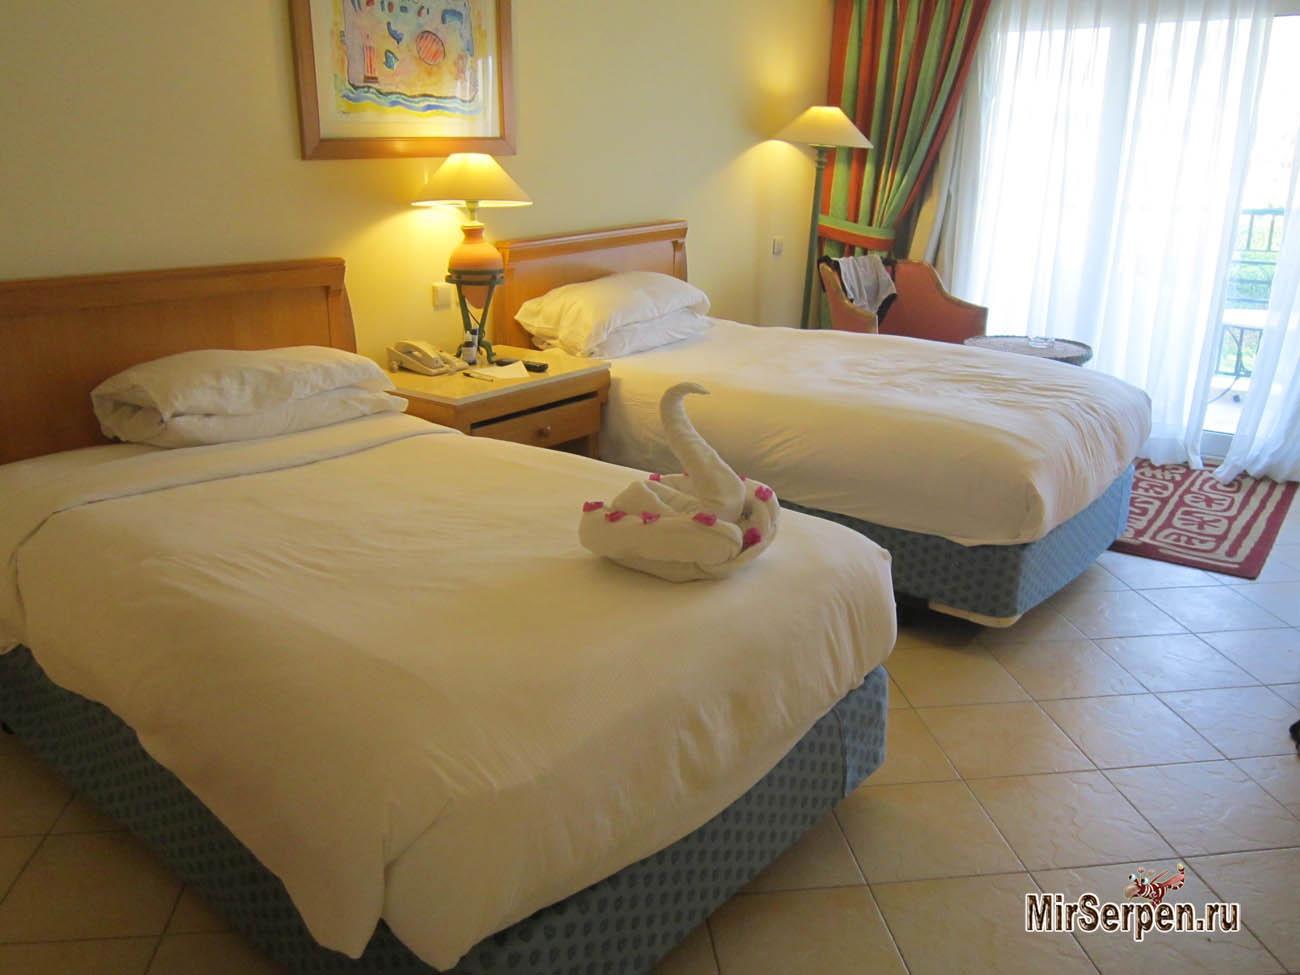 Описание номера standart room в отеле Hilton Sharm Waterfalls 5*, Шарм-эш-Шейх, Египет